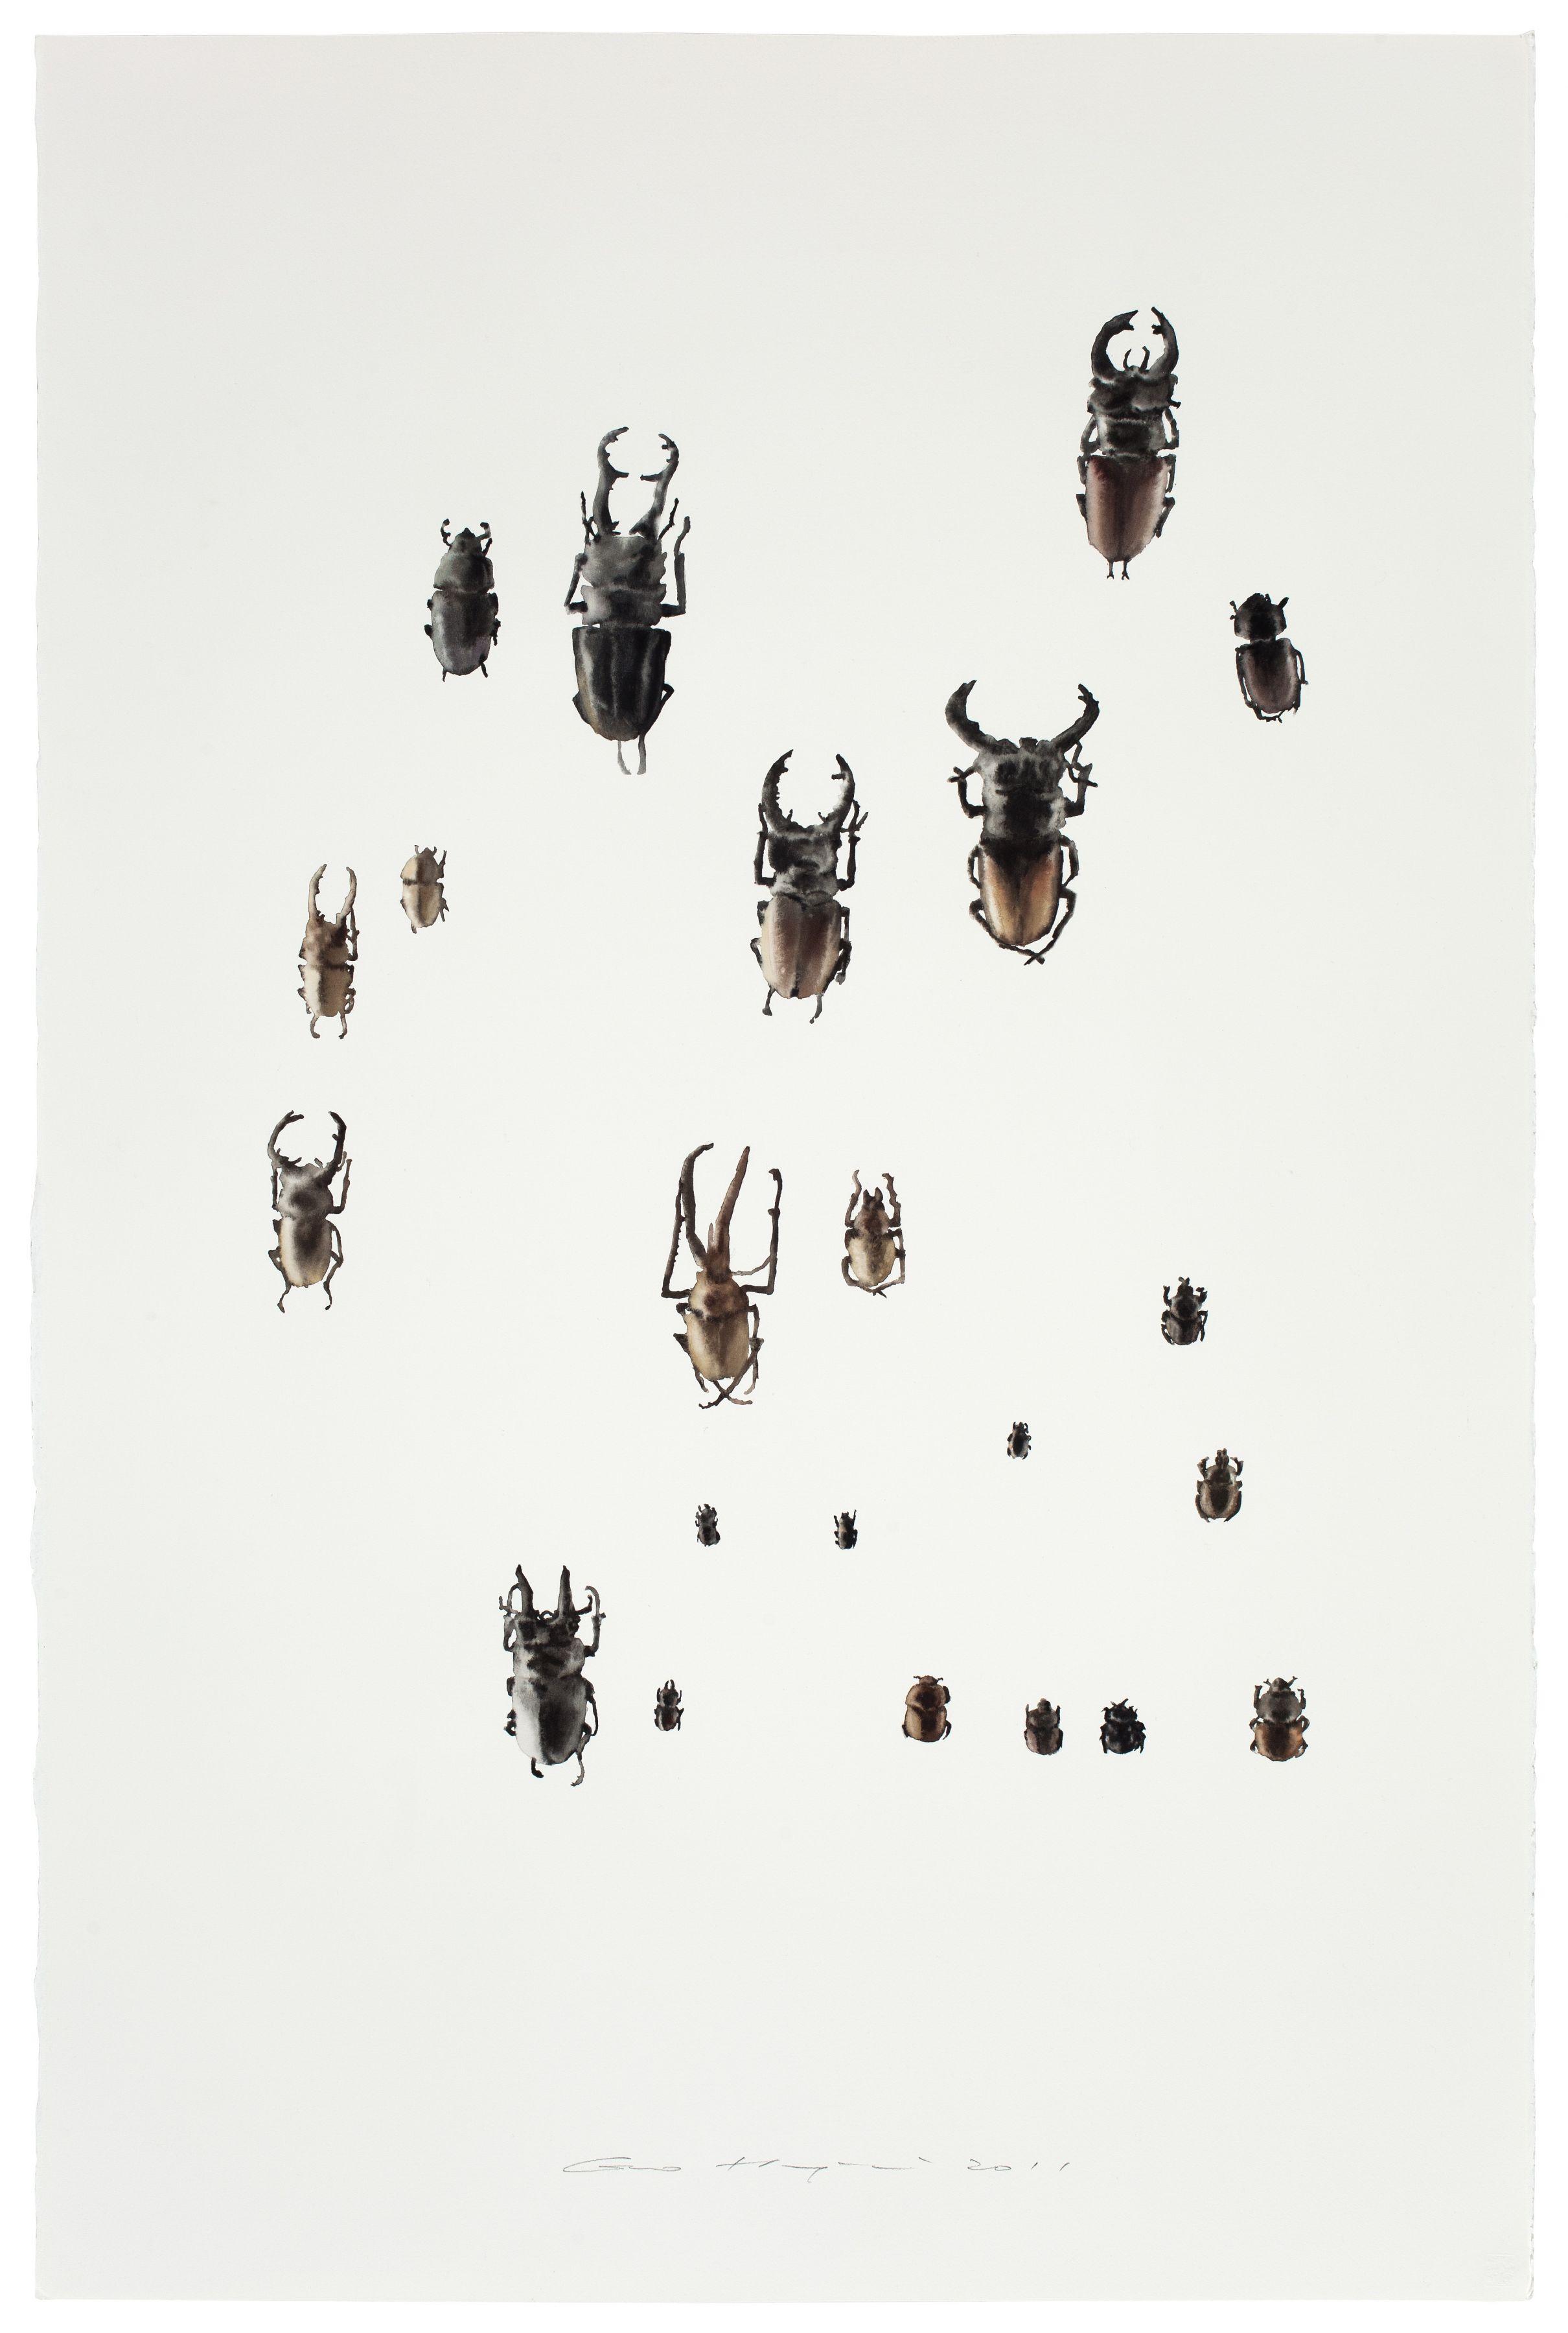 Guo Hongwei, Insect No. 3 虫3